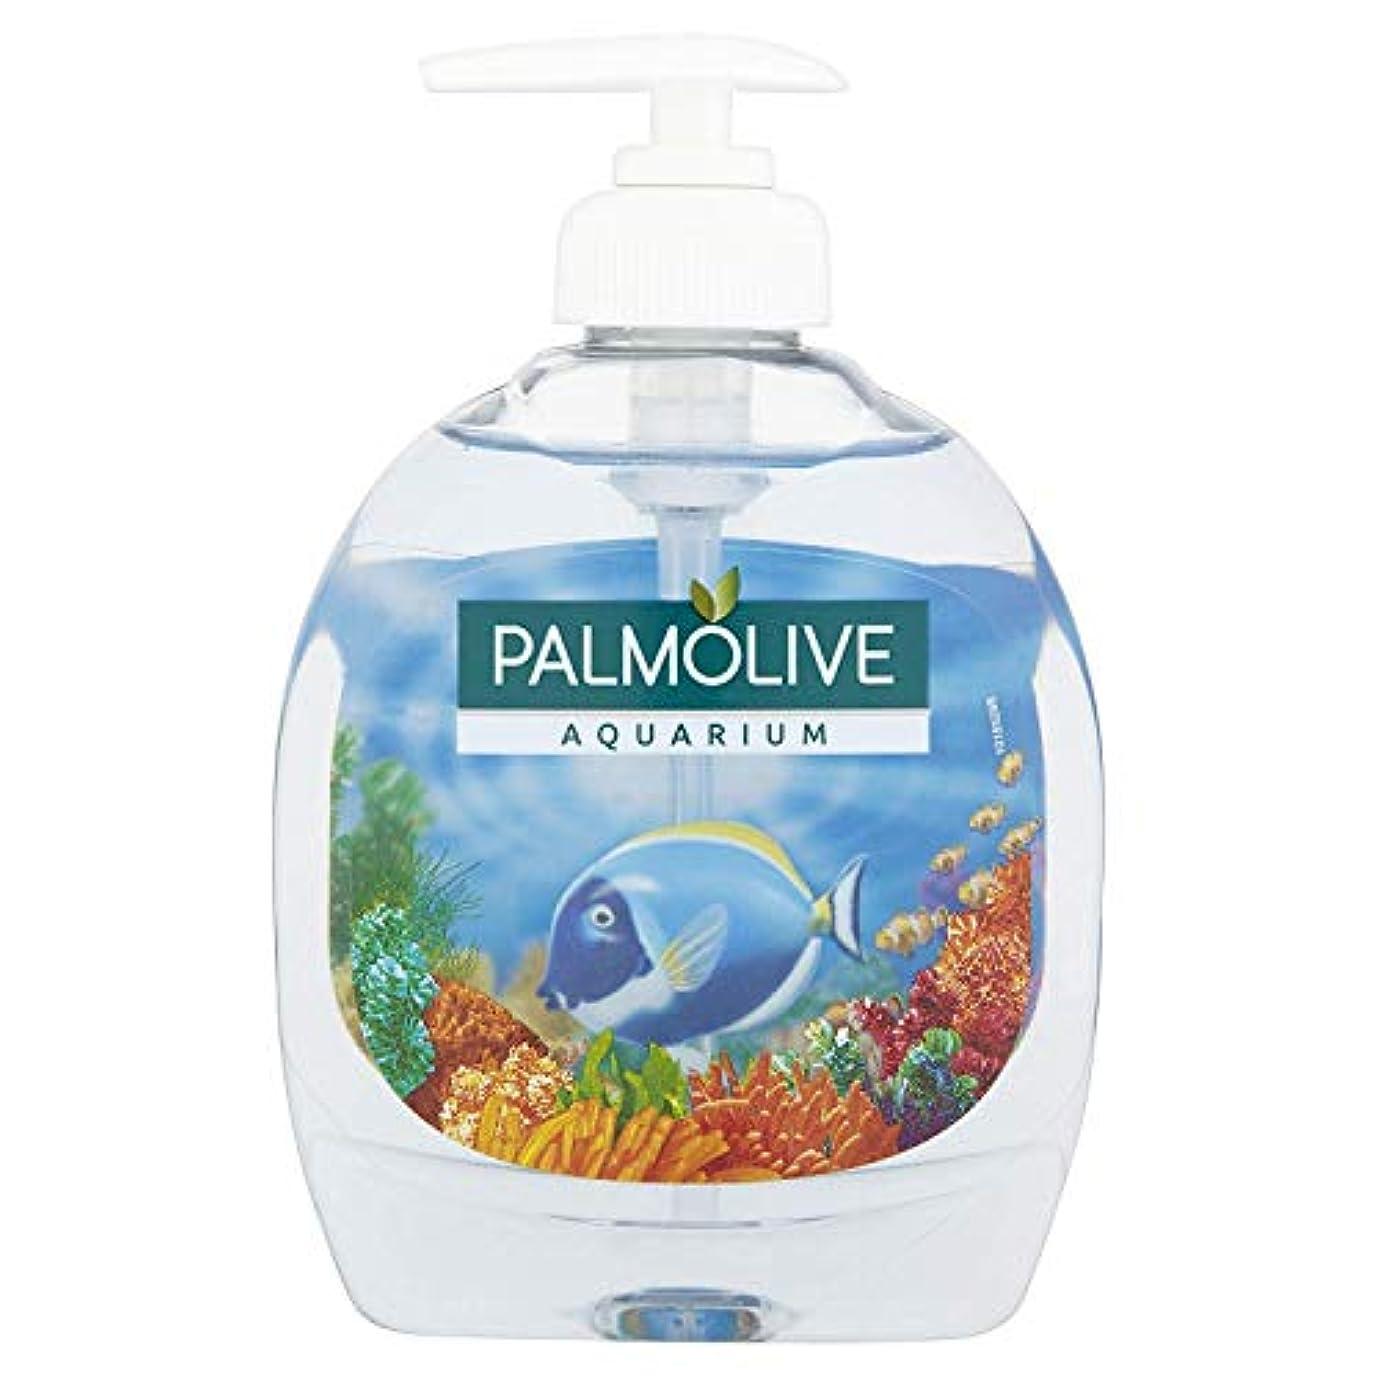 確認してください脆い理容室Palmolive Aquarium Fl??ssigseife 300 ml